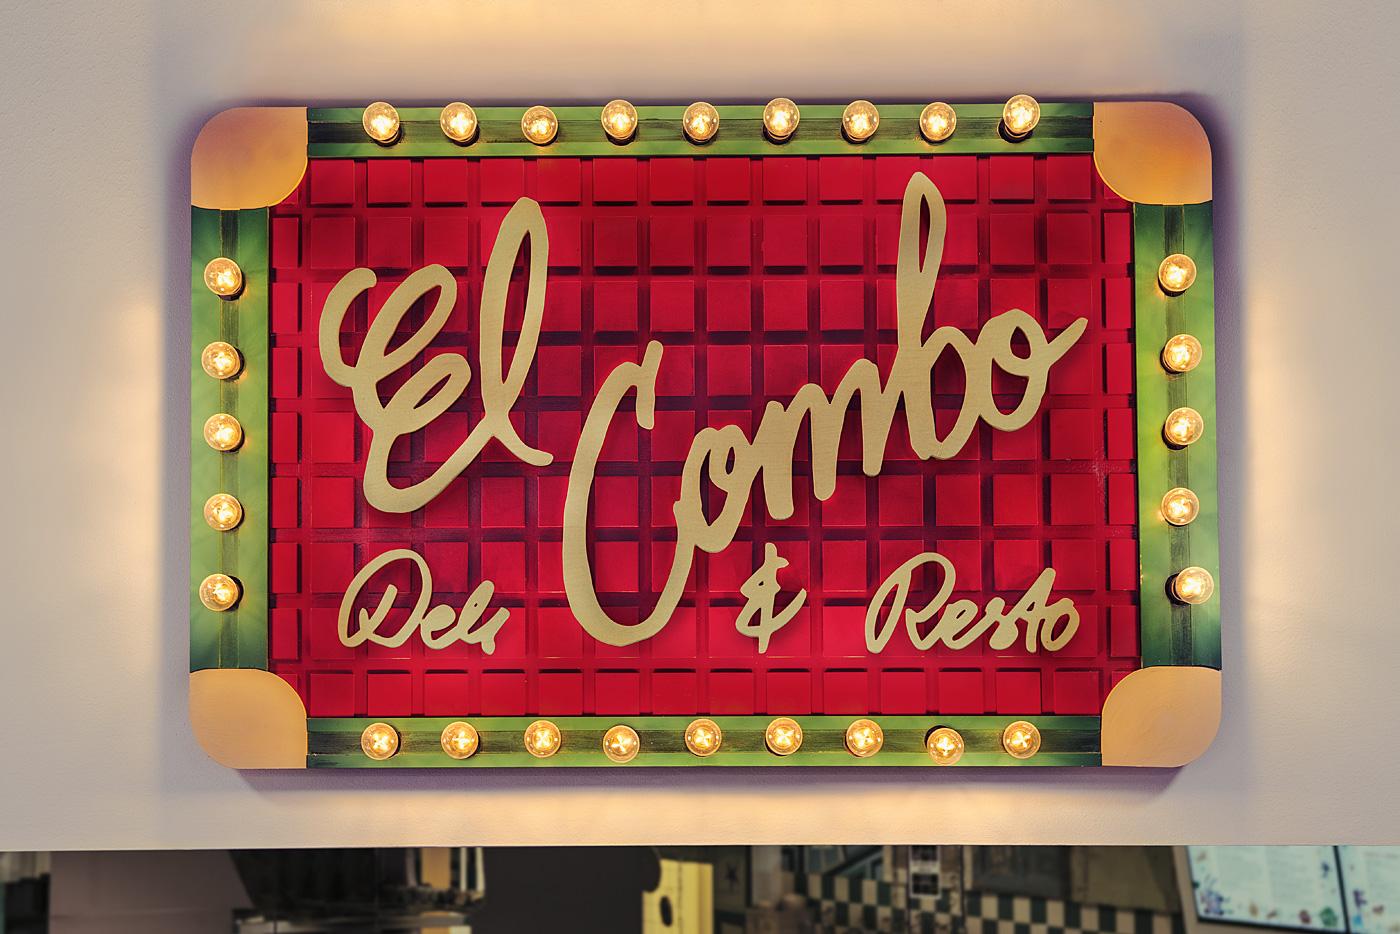 elcombo_skylt